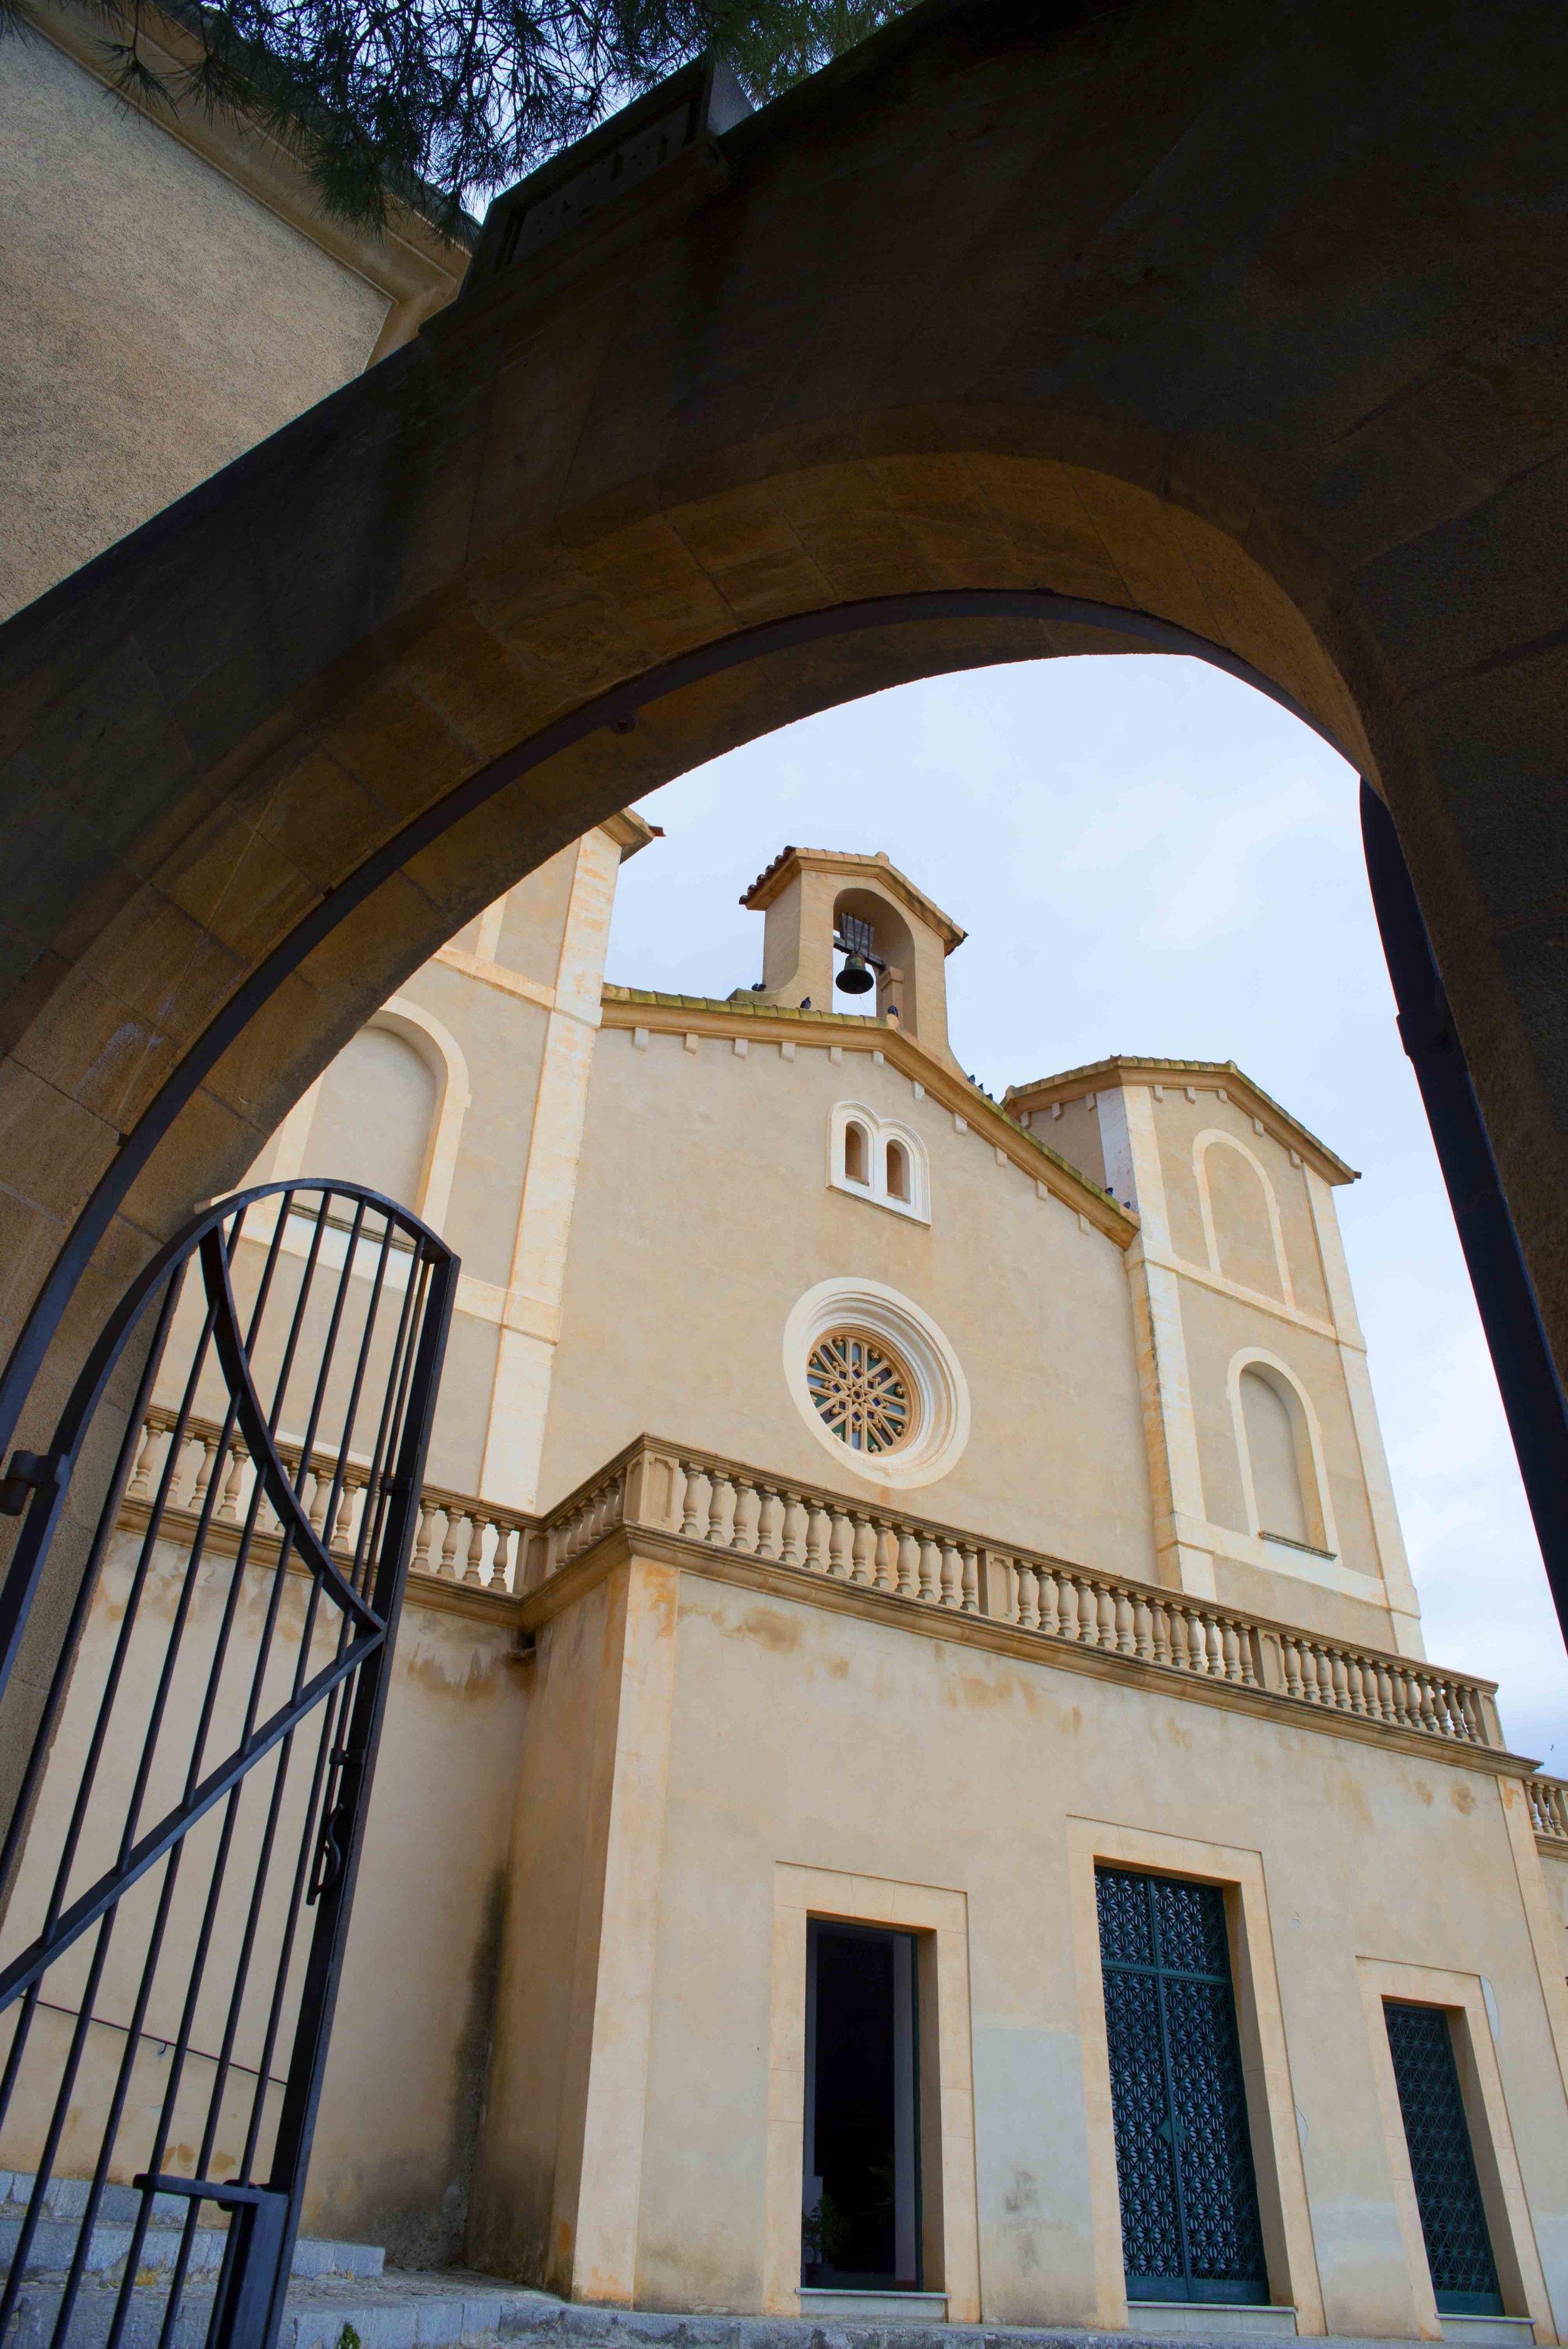 Parroquia D'arta,Arta, Mallorca Spain.